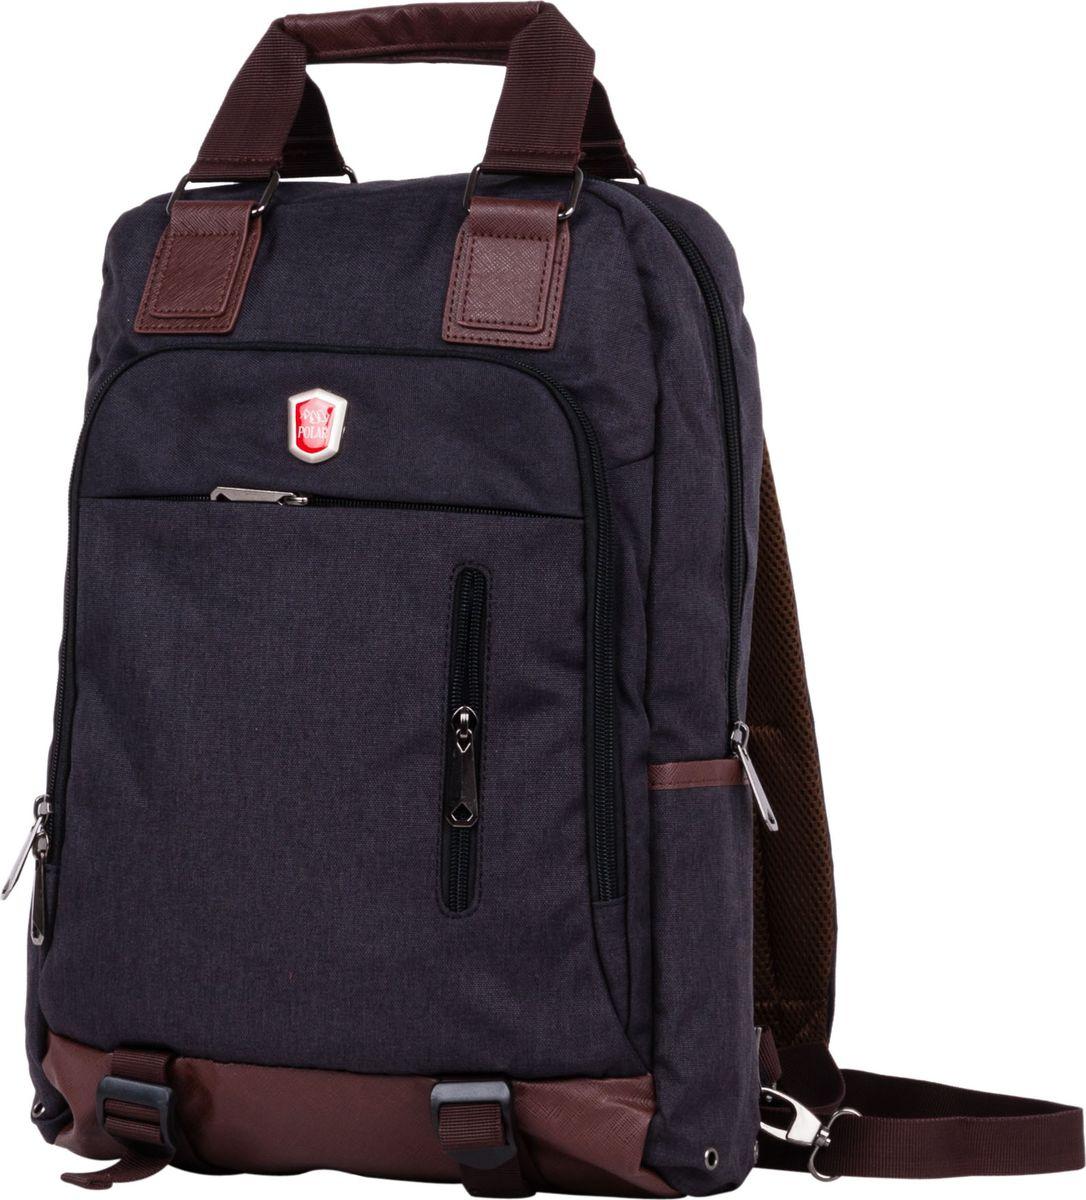 Рюкзак-сумка городской Polar, цвет: черный, 12 л. 541-7541-7Сумка-рюкзак Polar имеет одно вместительное отделение, которое закрывается на молнию. Внутри расположены два больших кармана из сетчатого материала, и отделение под ноутбук или планшет (28 х 33 х 2). Спереди сумки расположен большой накладной карман на молнии; на клапане есть два дополнительных кармана на молнии для небольших предметов. По бокам расположены два открытых кармана. Лямки пристегиваются карабинами и регулируются по длине. Сзади расположен большой открытый карман на липучке, куда можно спрятать лямки, и переносить сумку в руке. Сверху расположены ручки высотой 11 см. Края карманов, ручки и дно обработаны вставками из экокожи.